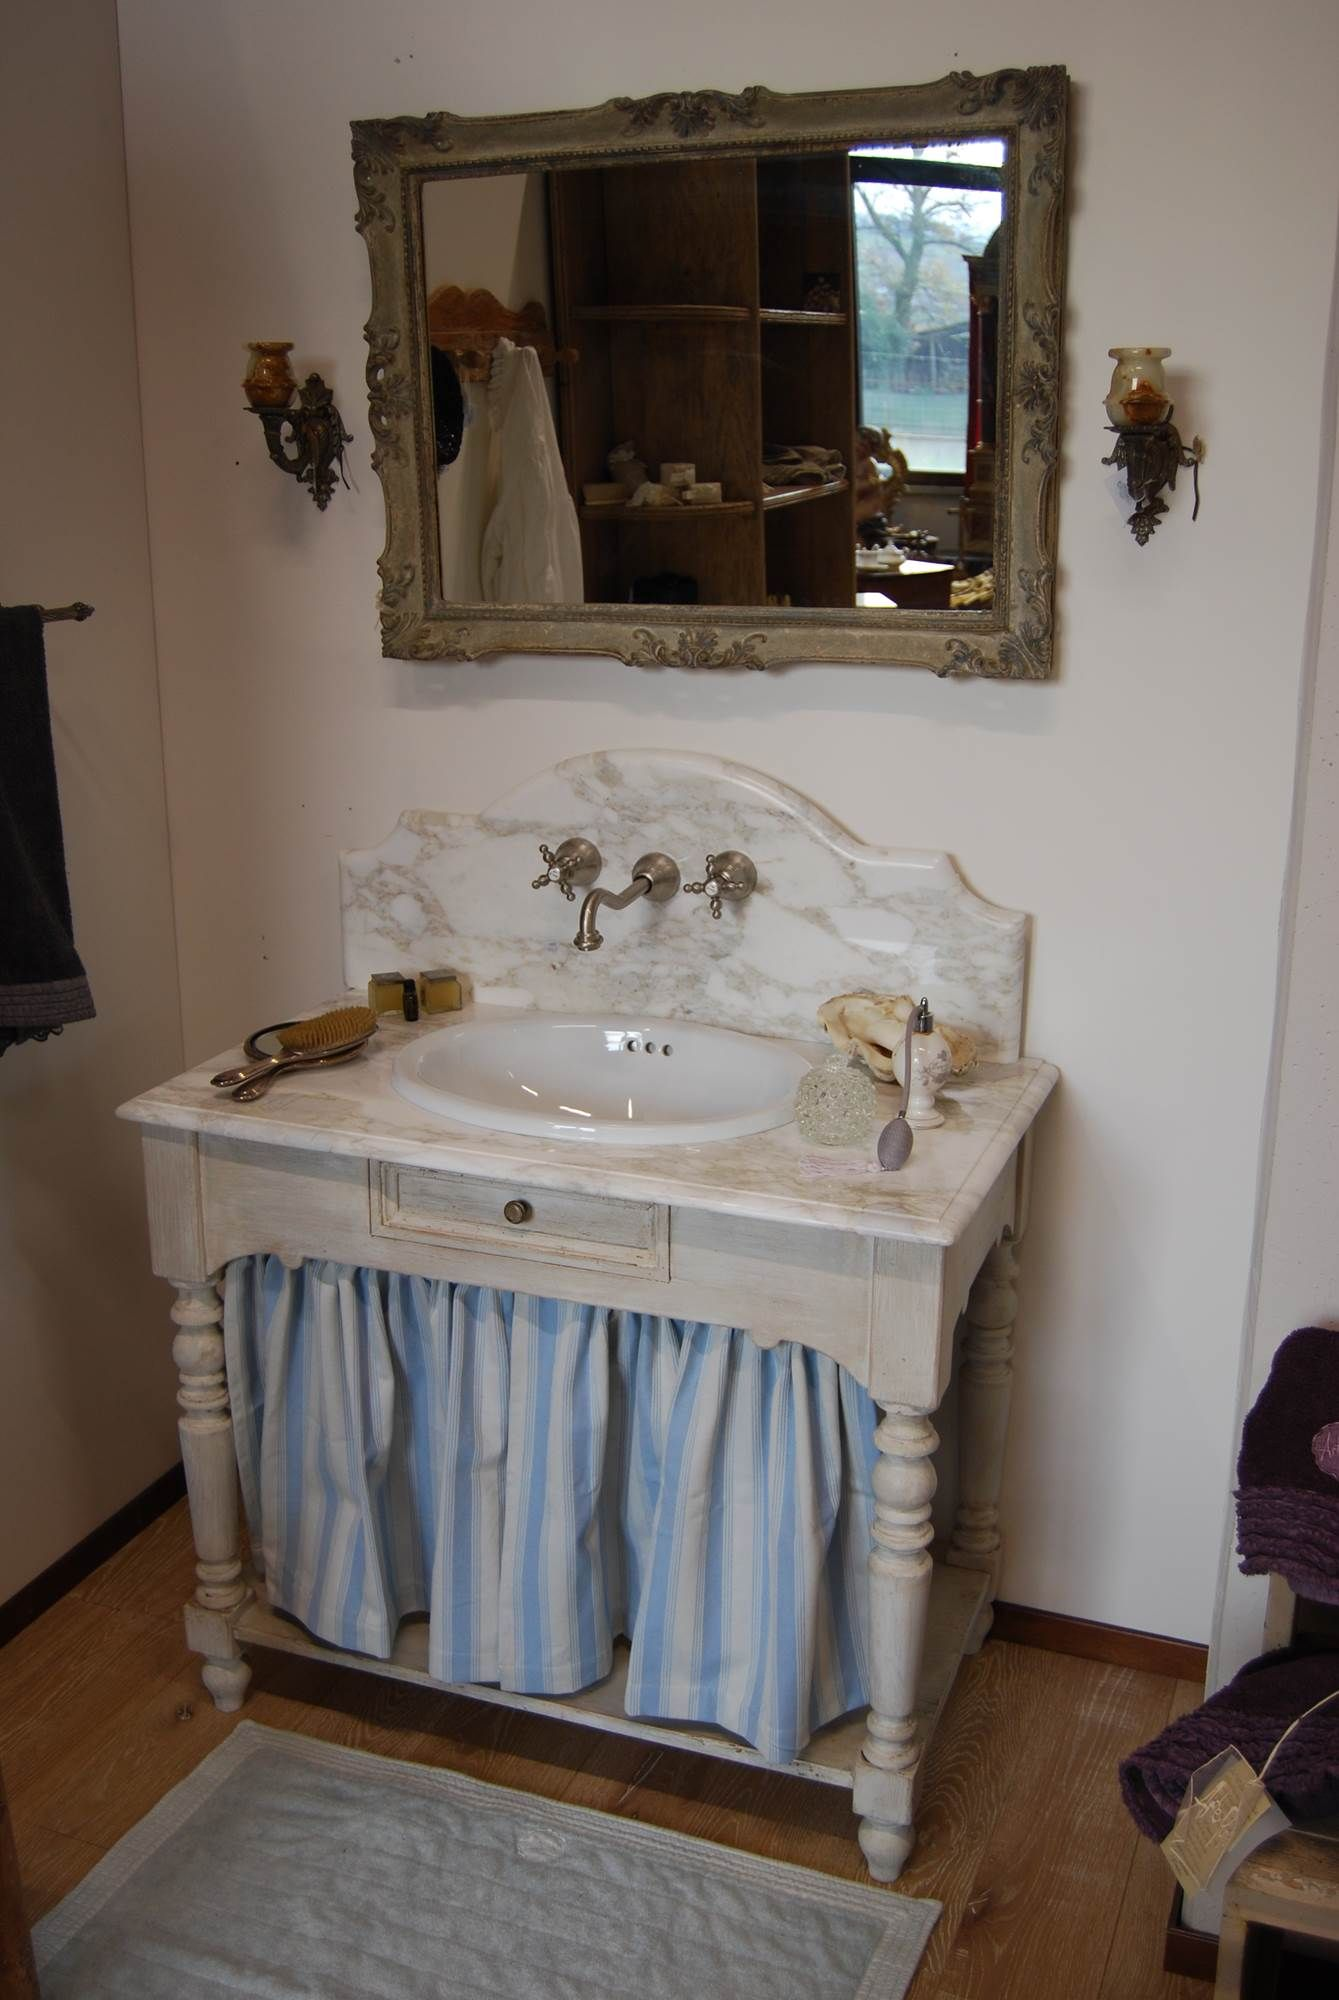 Mobile da bagno in stile provenzale realizzato in legno antico decapato top in marmo calacatta - Arredo bagno in stile provenzale ...